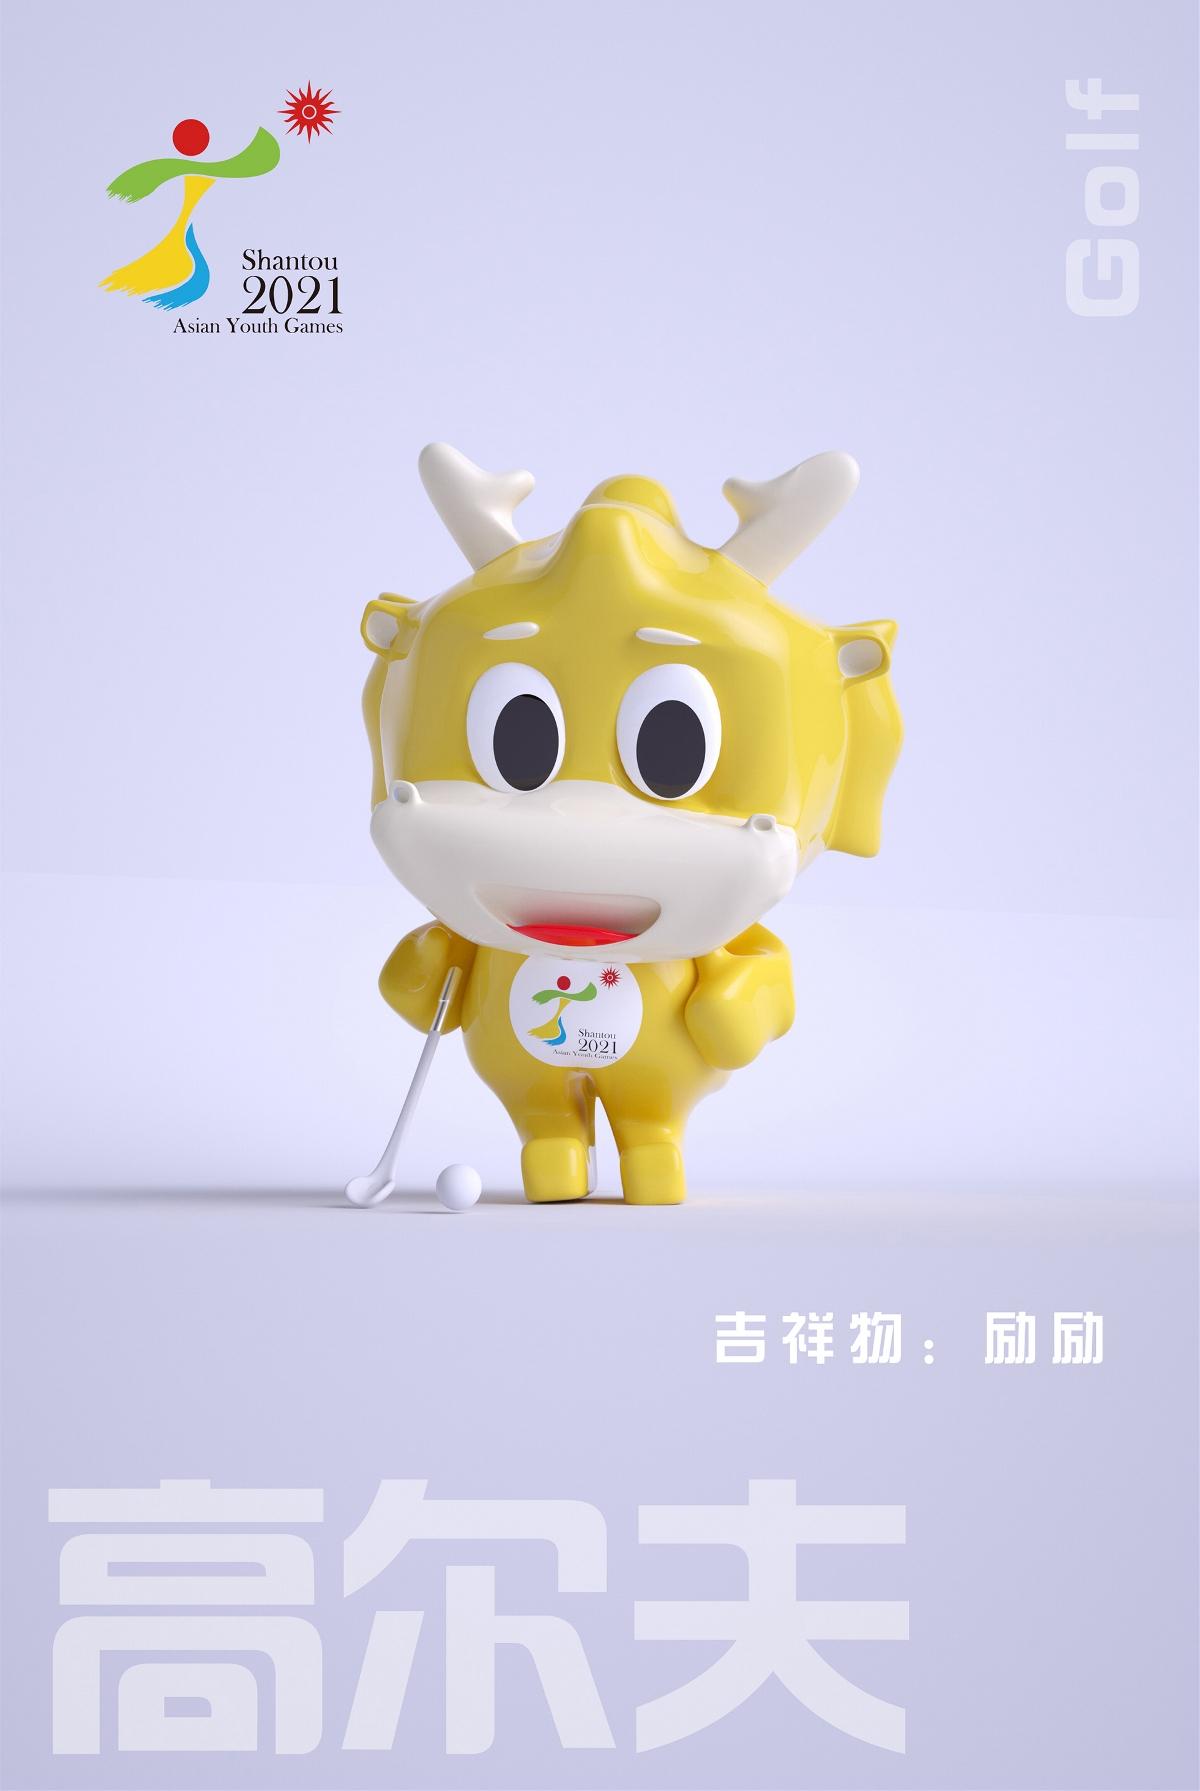 2021 汕头亚青会吉祥物 会徽 - 励励